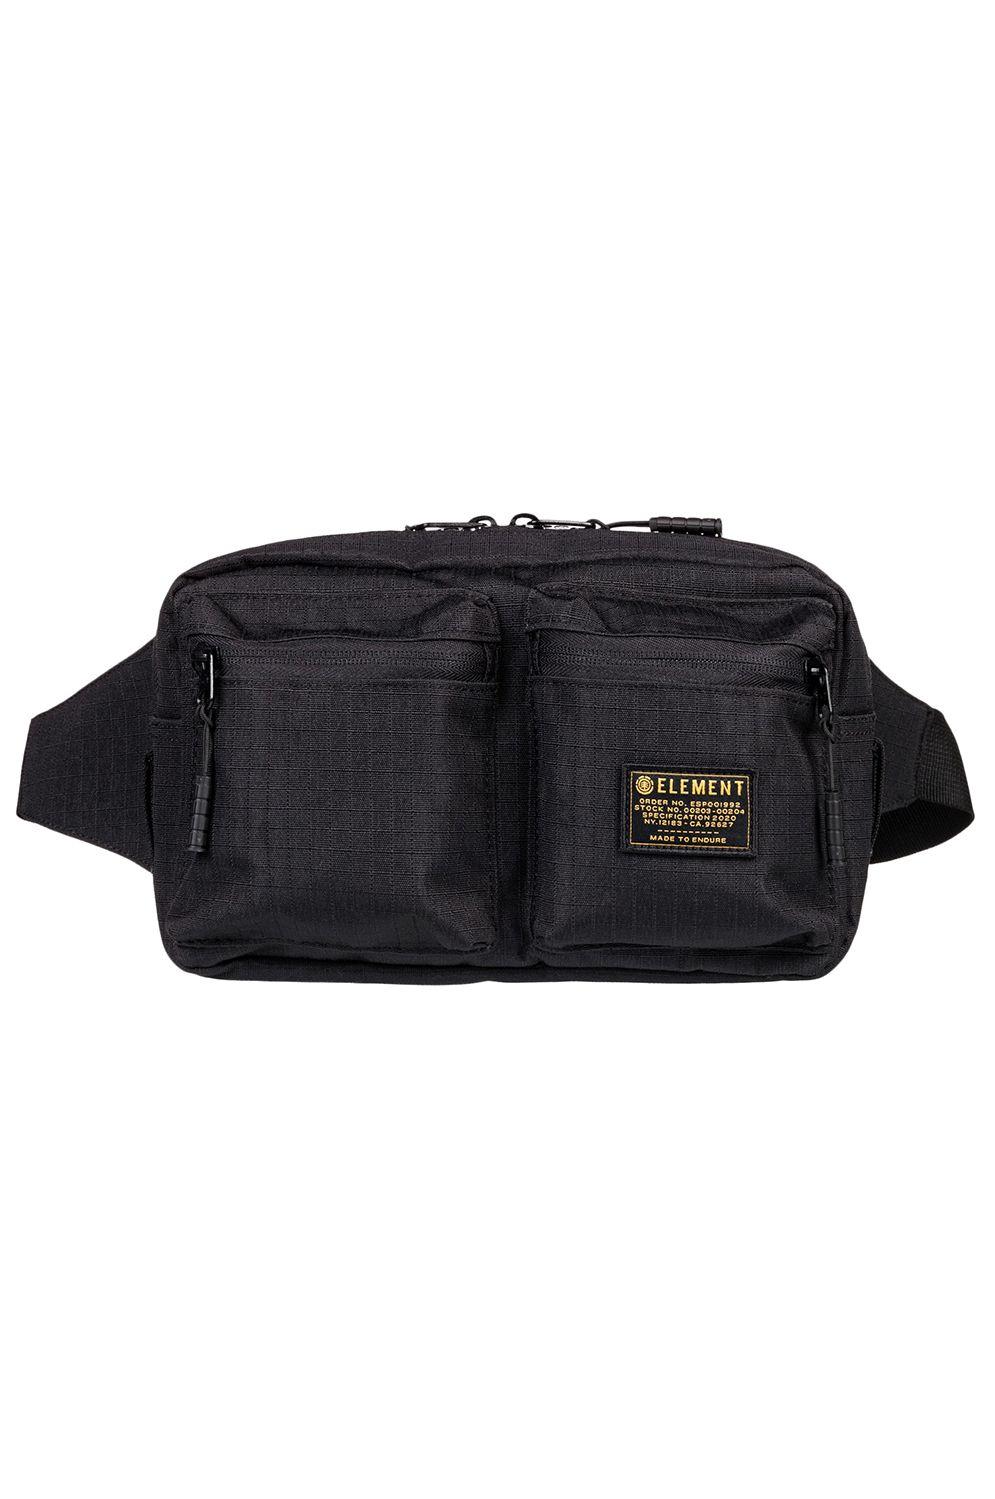 Bolsa Cintura Element RECRUIT STREET PACK Flint Black